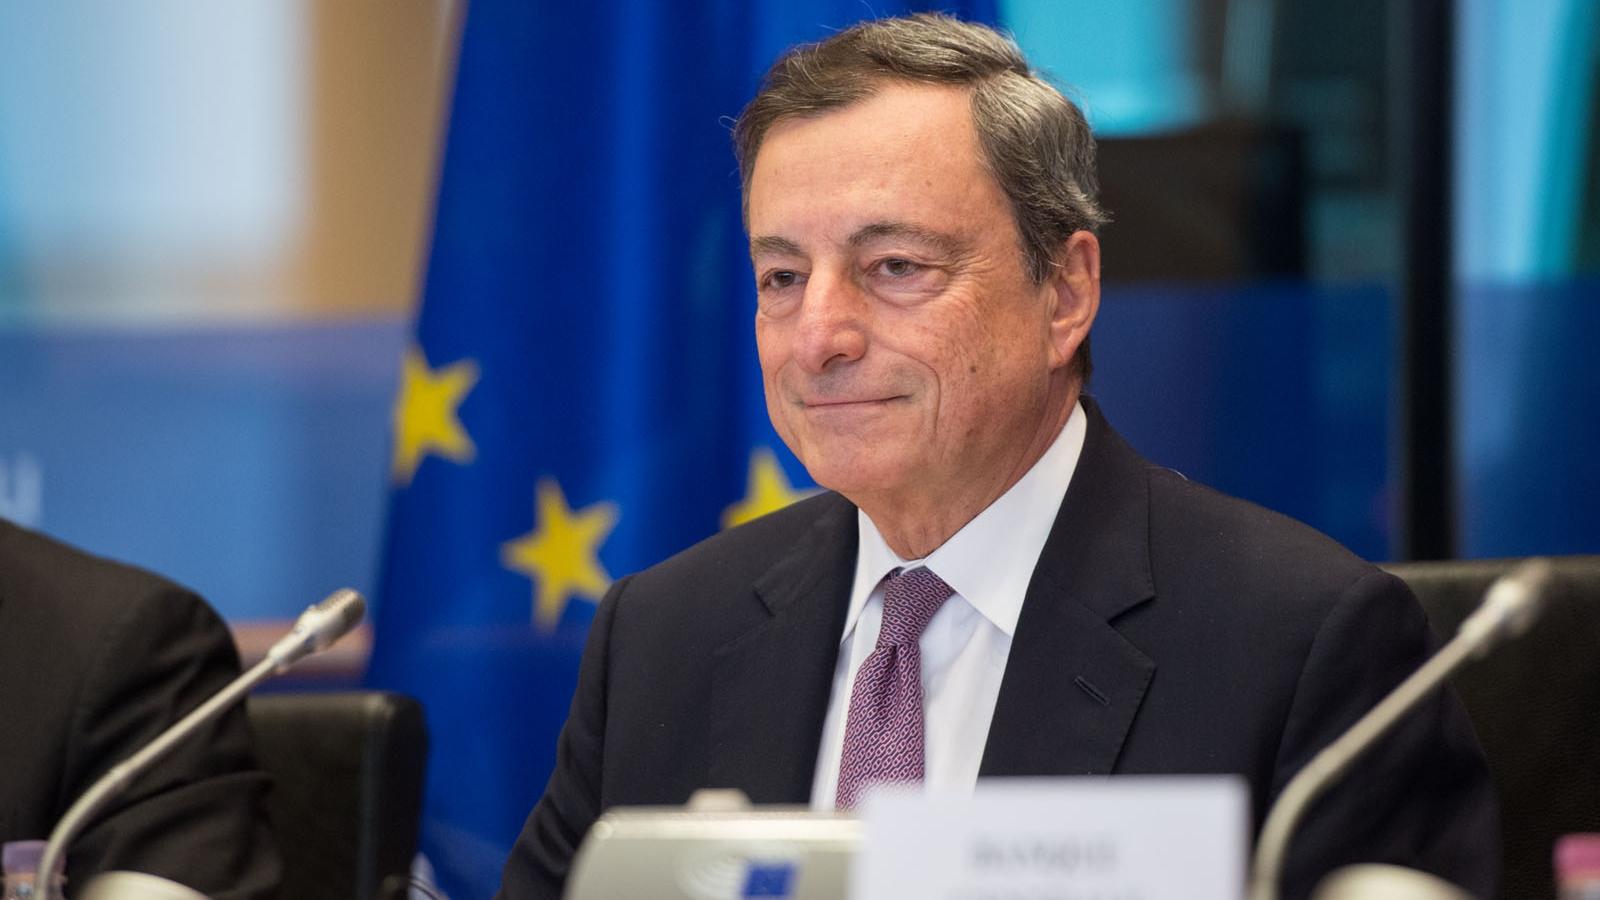 Cựu Chủ tịch Ngân hàng Trung ương châu Âu chấp nhận trở thành Thủ tướng Italy